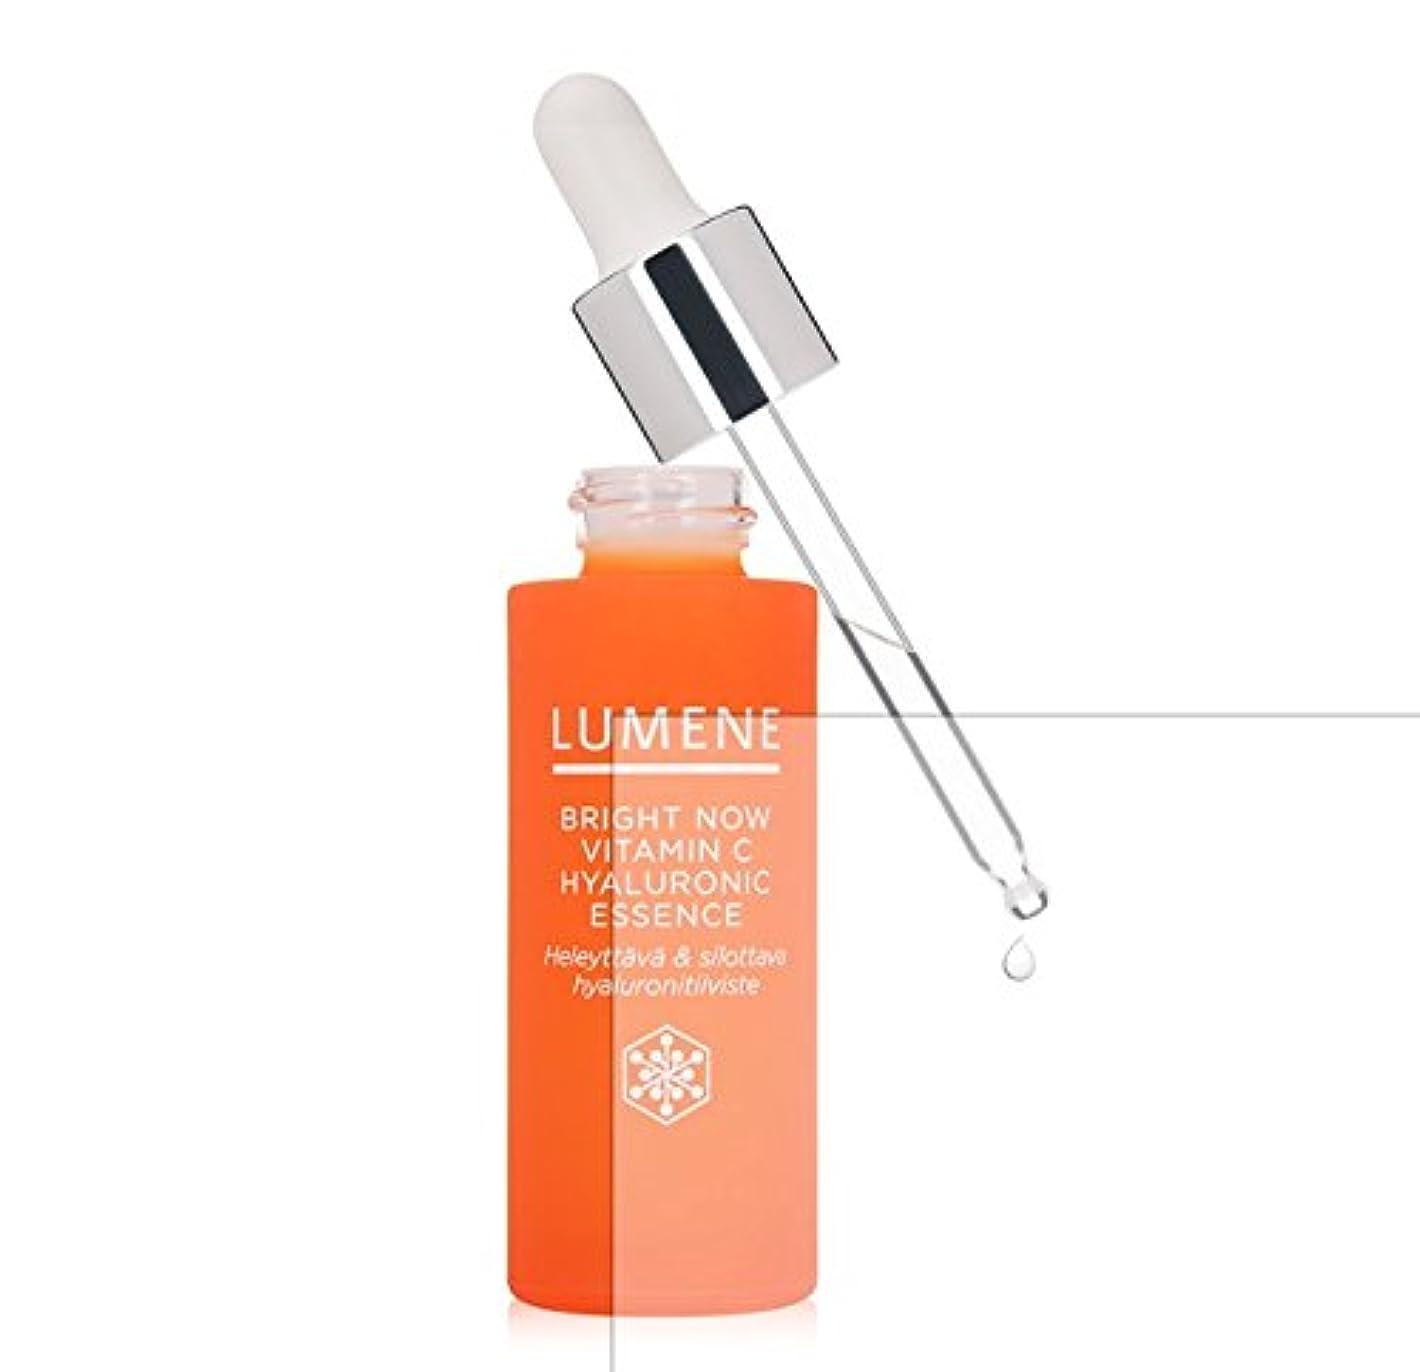 検査官ドロップこどもの日Lumene Bright Now Vitamin C Hyaluronic Essence (1 fl oz.) 美容液 [並行輸入品]